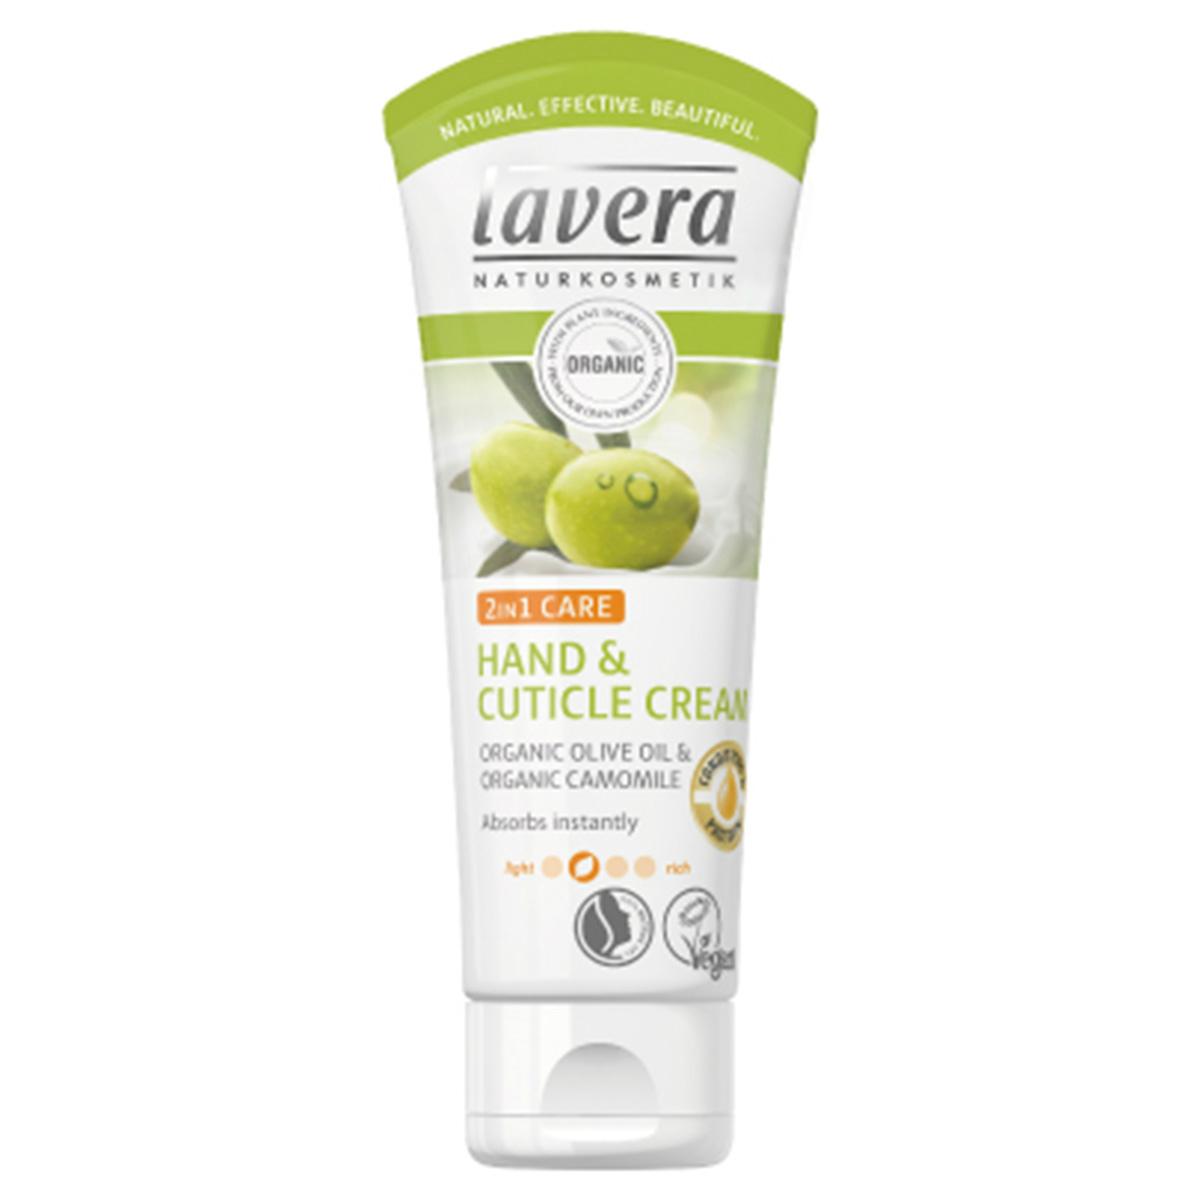 ラヴェーラ lavera NaTrue認証 Vegan認証 ドイツ オーガニックコスメ 輸入 ナチュラルコスメ 63001947 ハンドクリーム あす楽 75ml ネイルクリーム ハンド 売却